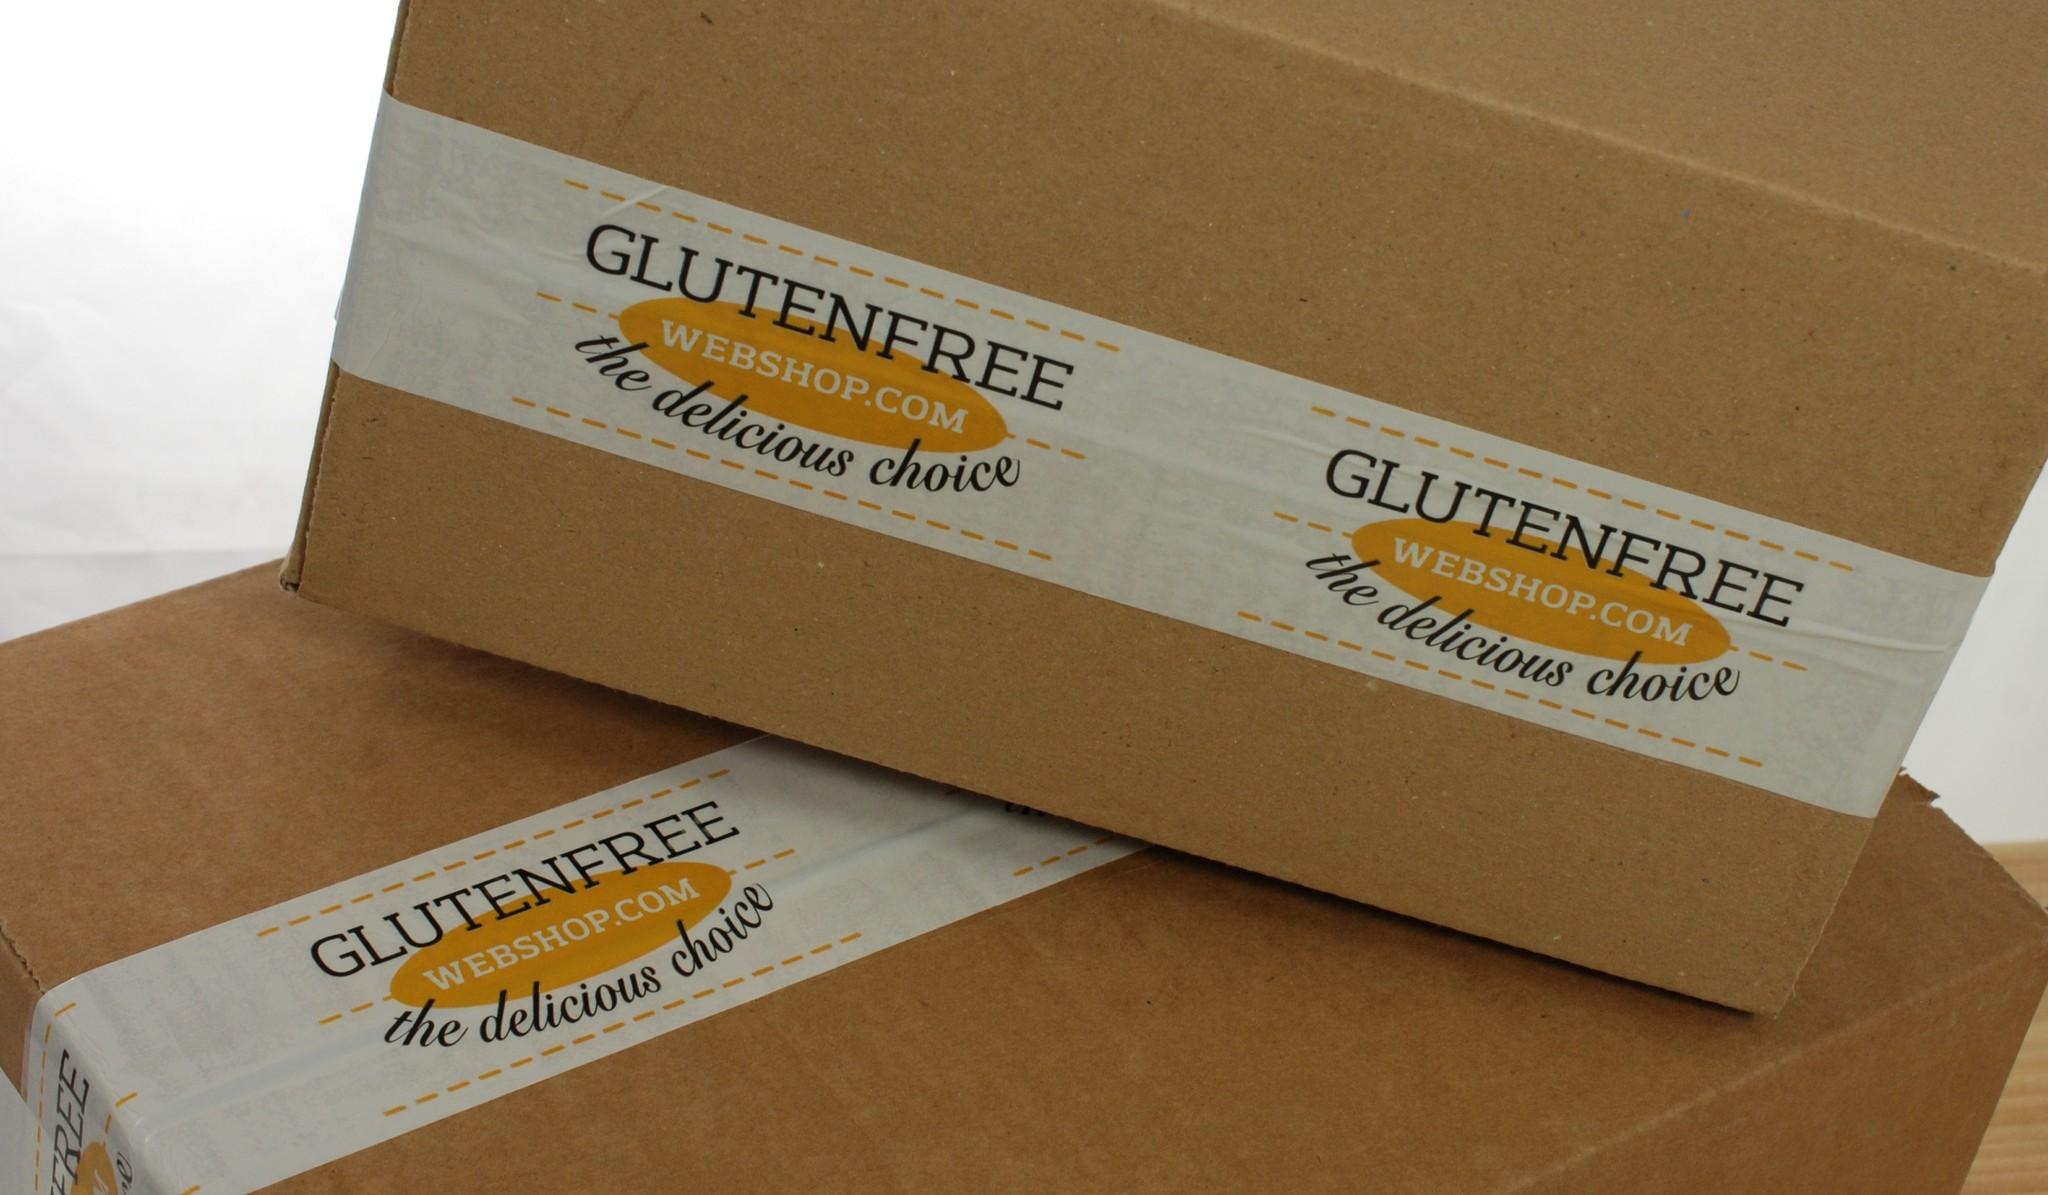 Bezorgvoorwaarden Glutenfreewebshop.com